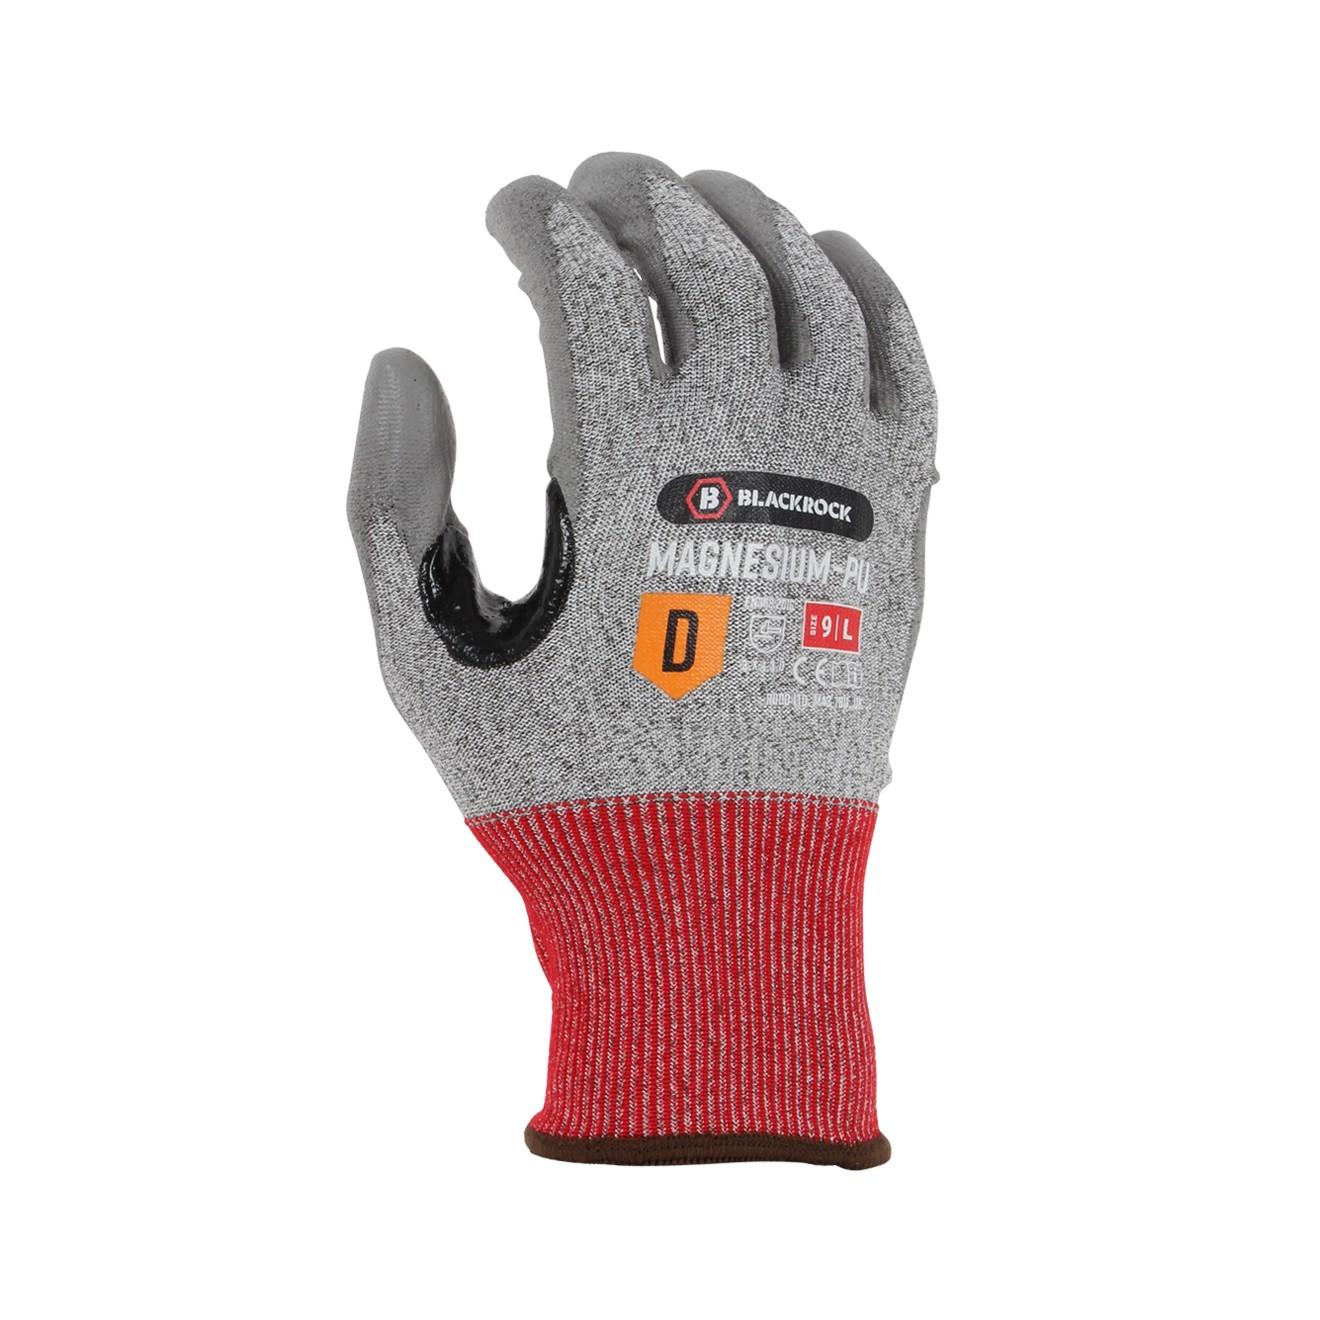 Magnesium-PU Cut Resistant Glove